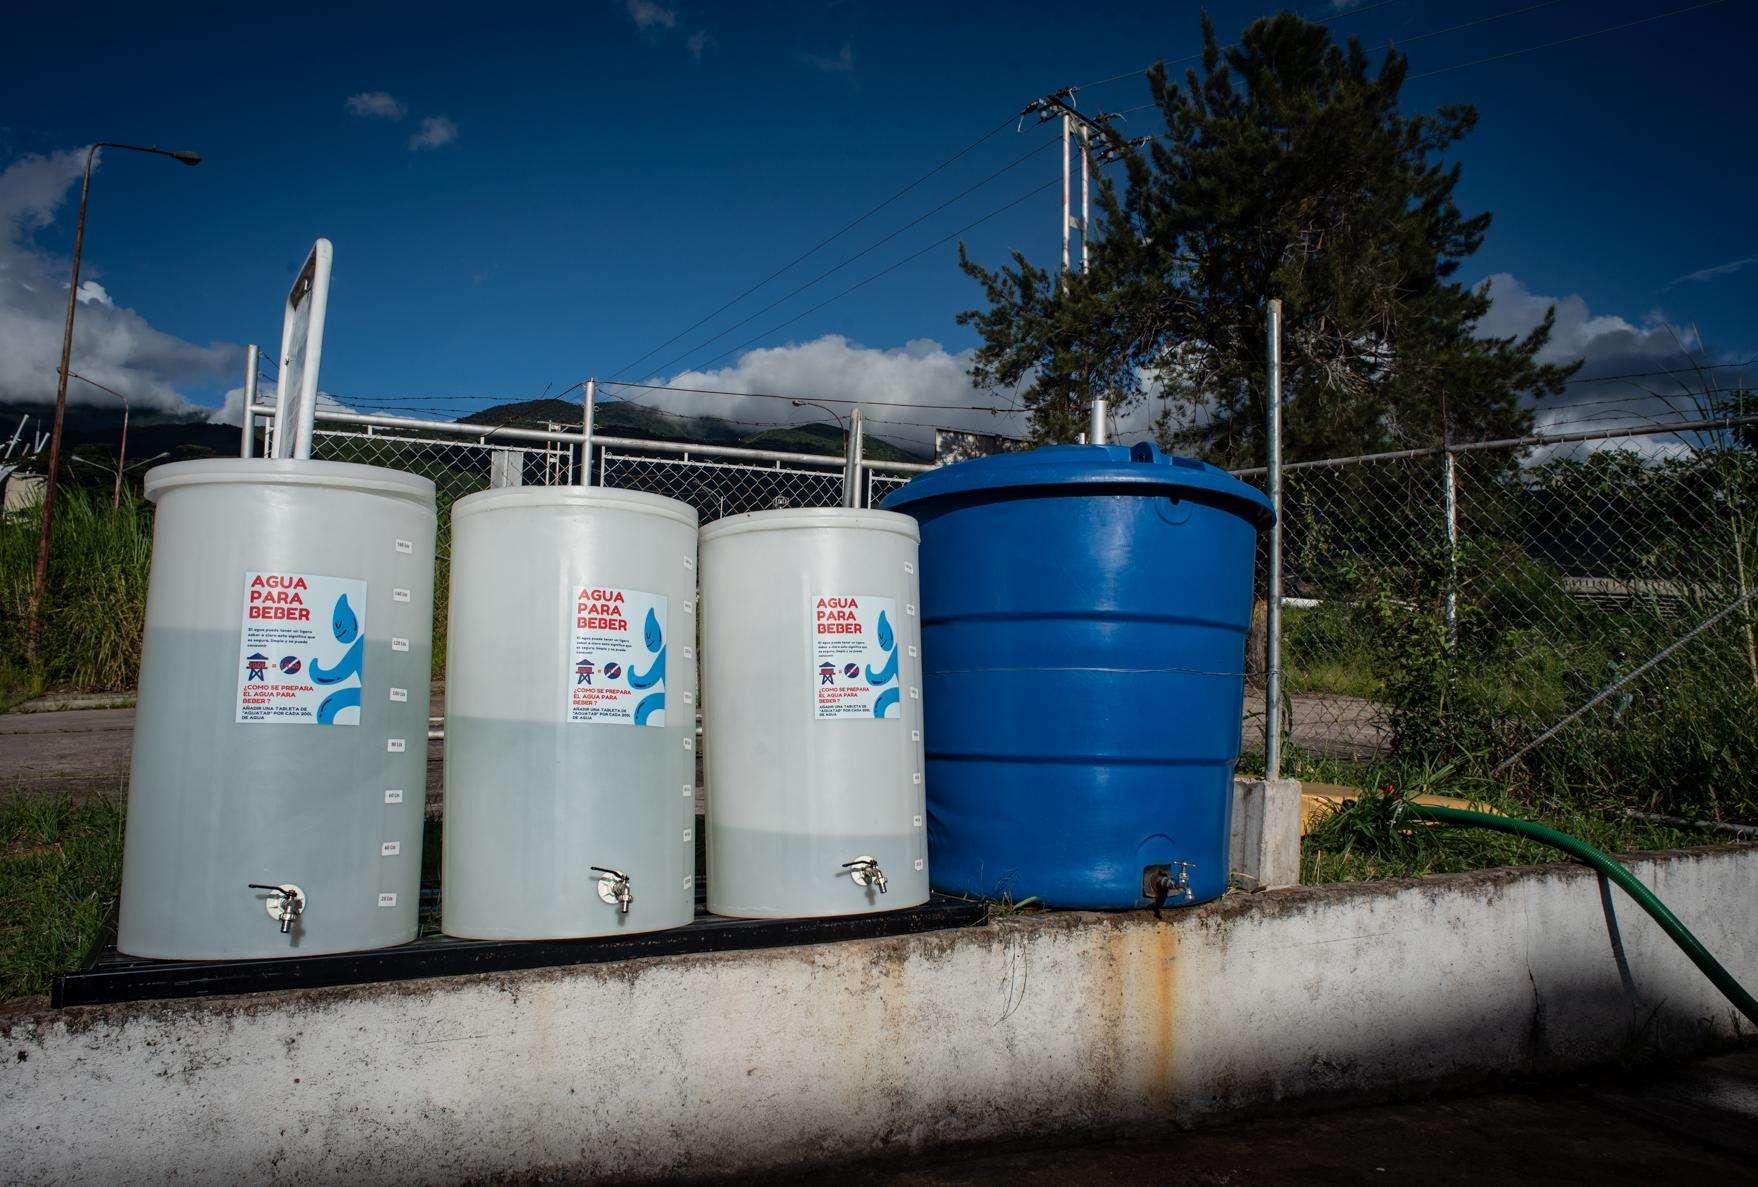 water treatment center at quarantine center in Venezuela